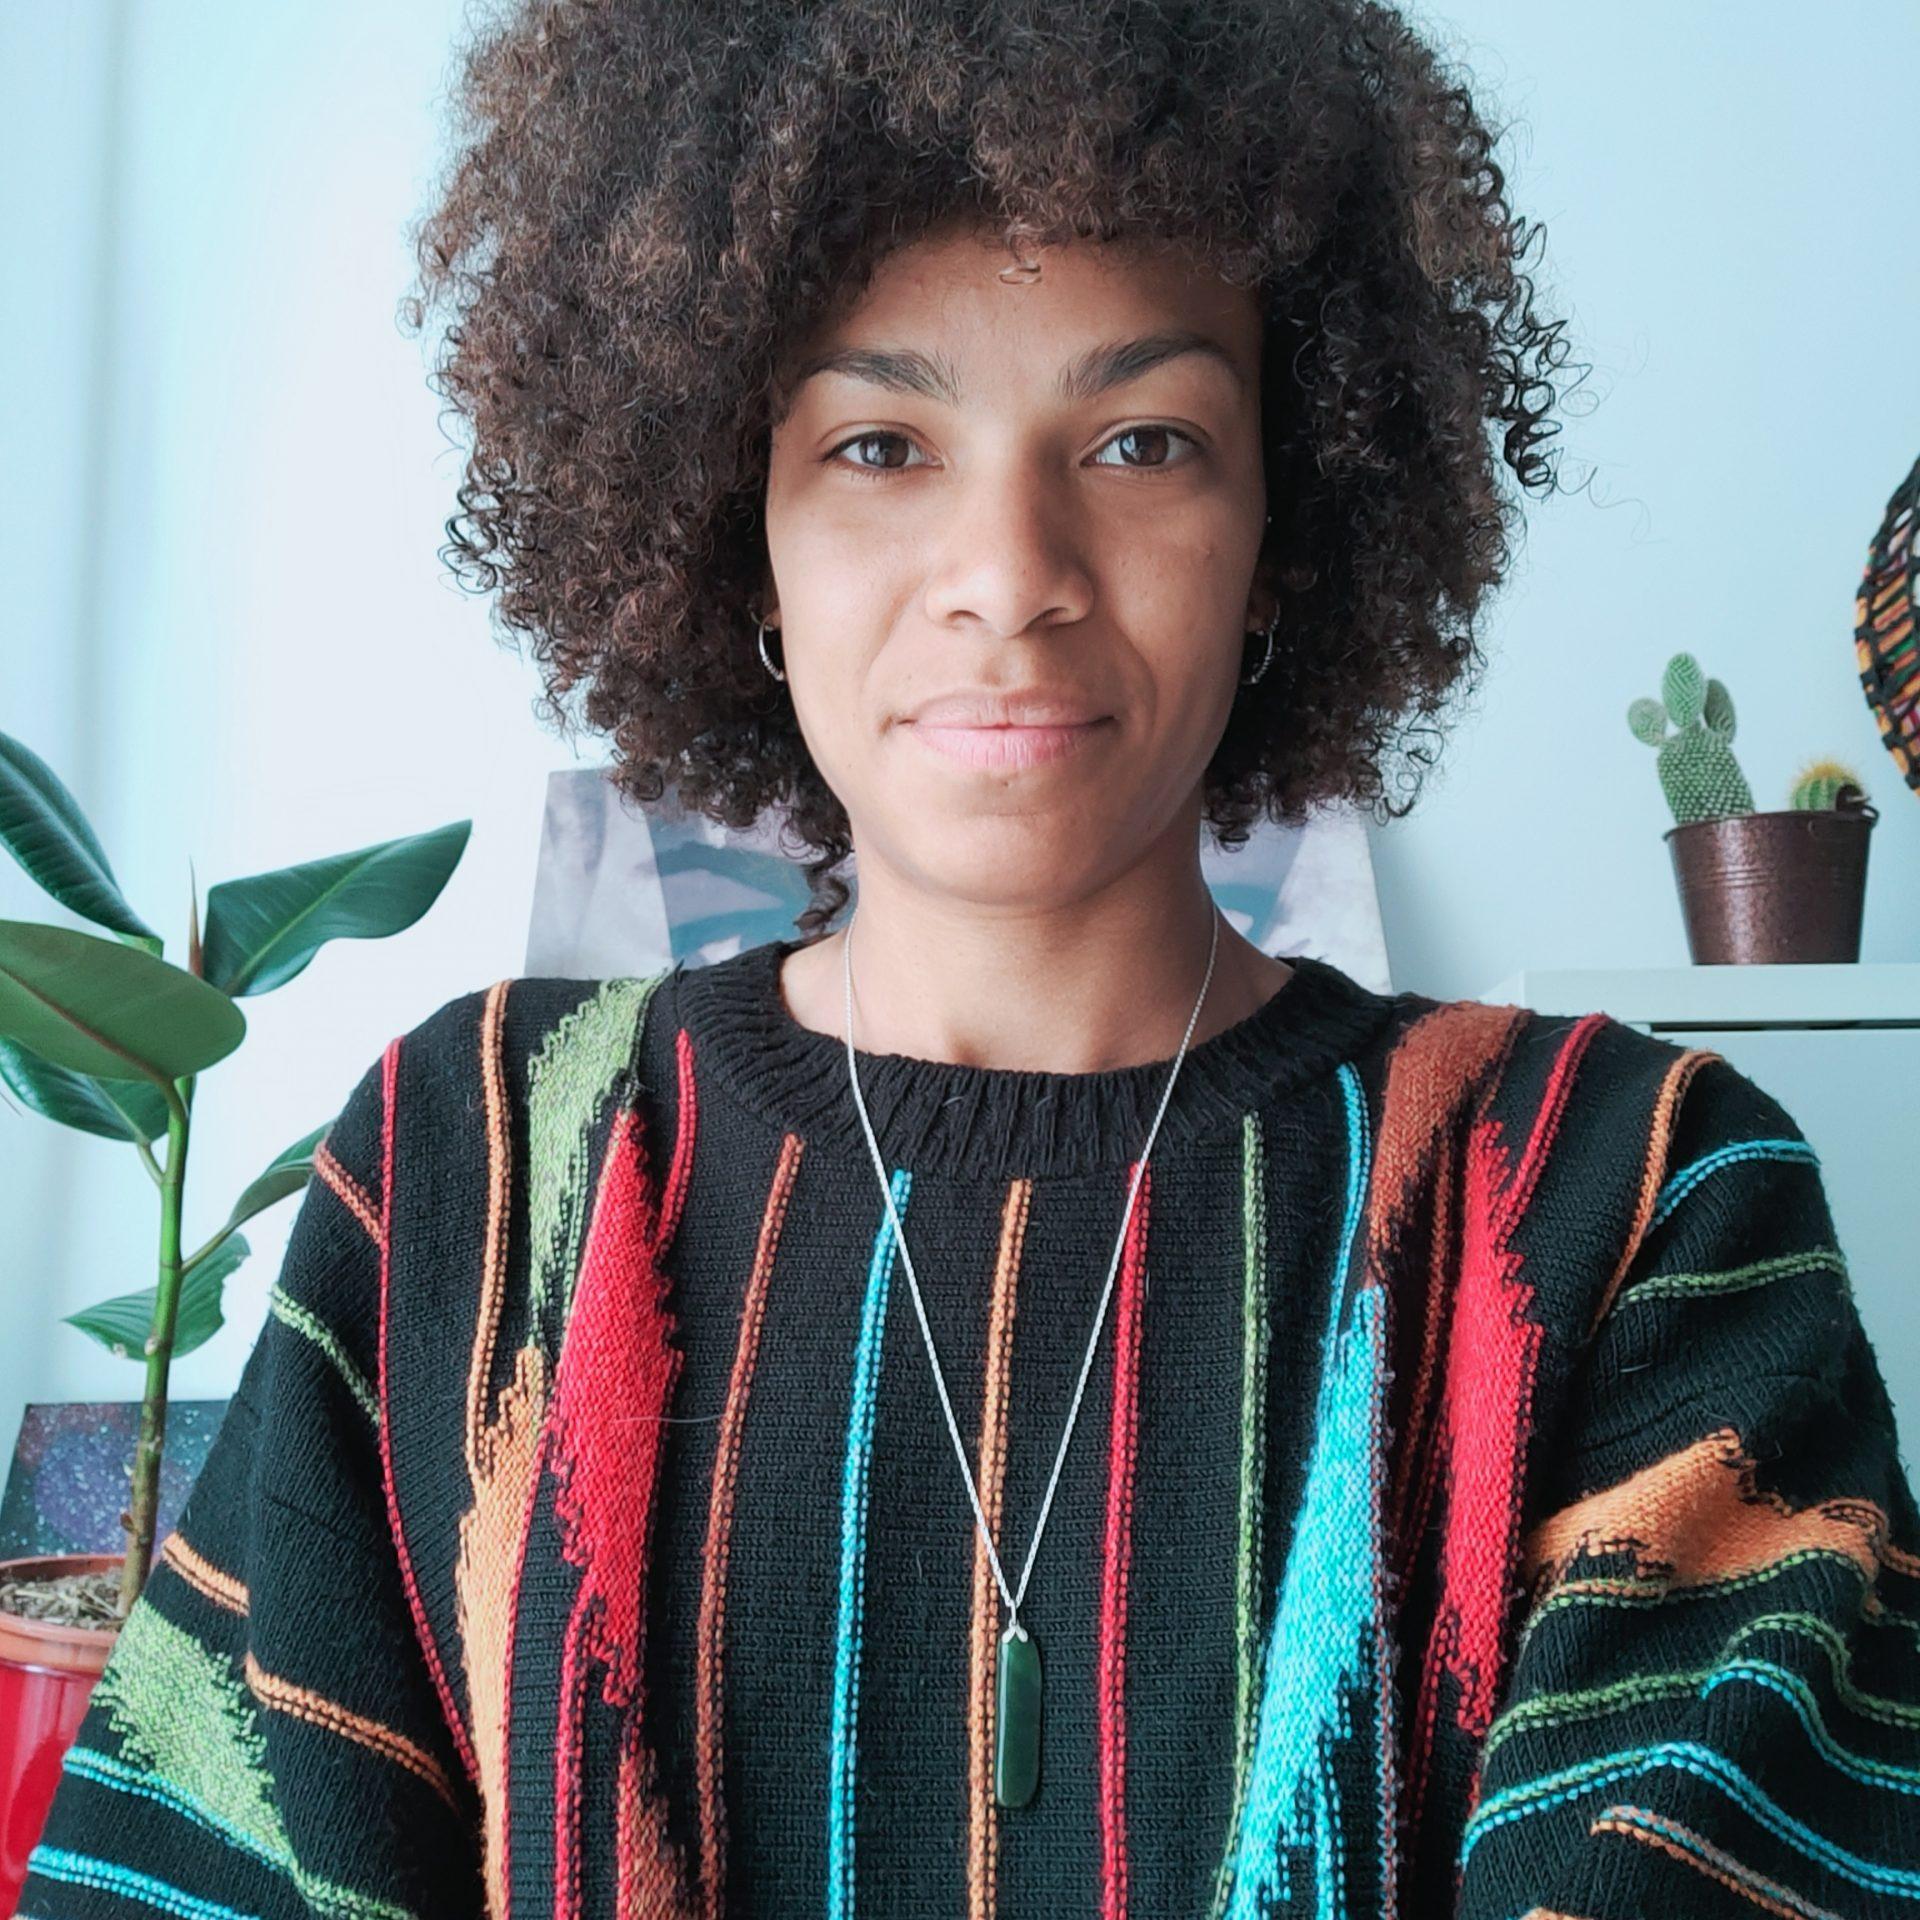 No soy hippie, solo quiero sentir cómo es dejar crecer mi vello, por Claudia Kösler